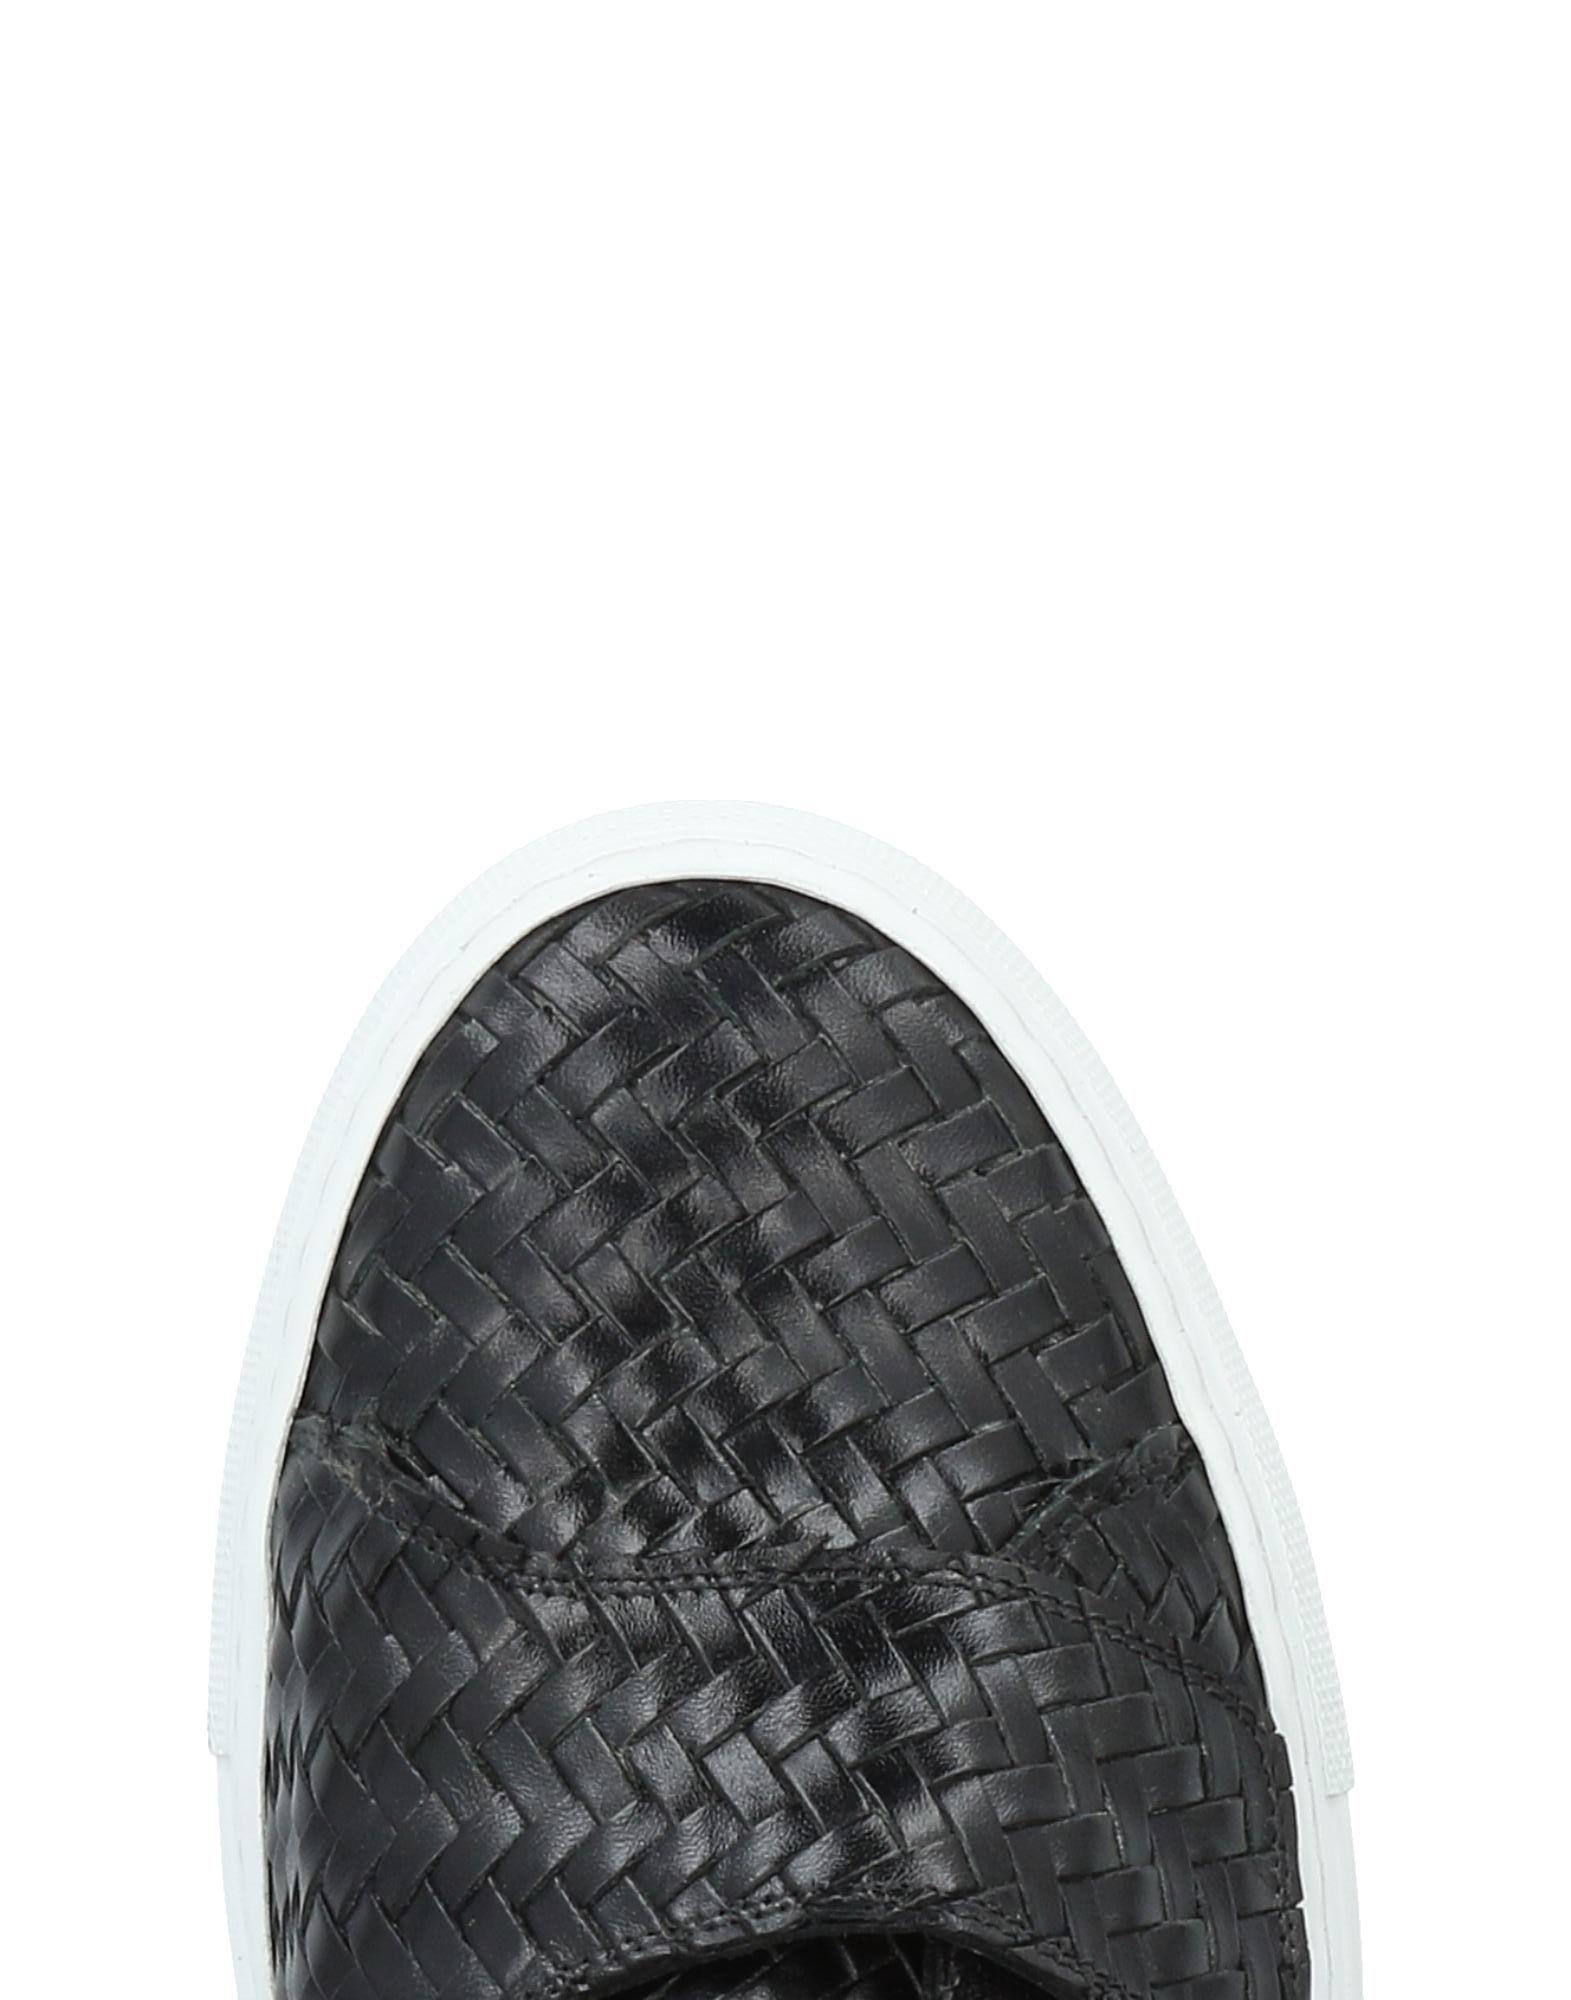 Raparo Sneakers Herren  11459326BS 11459326BS 11459326BS Gute Qualität beliebte Schuhe 1ef0d5